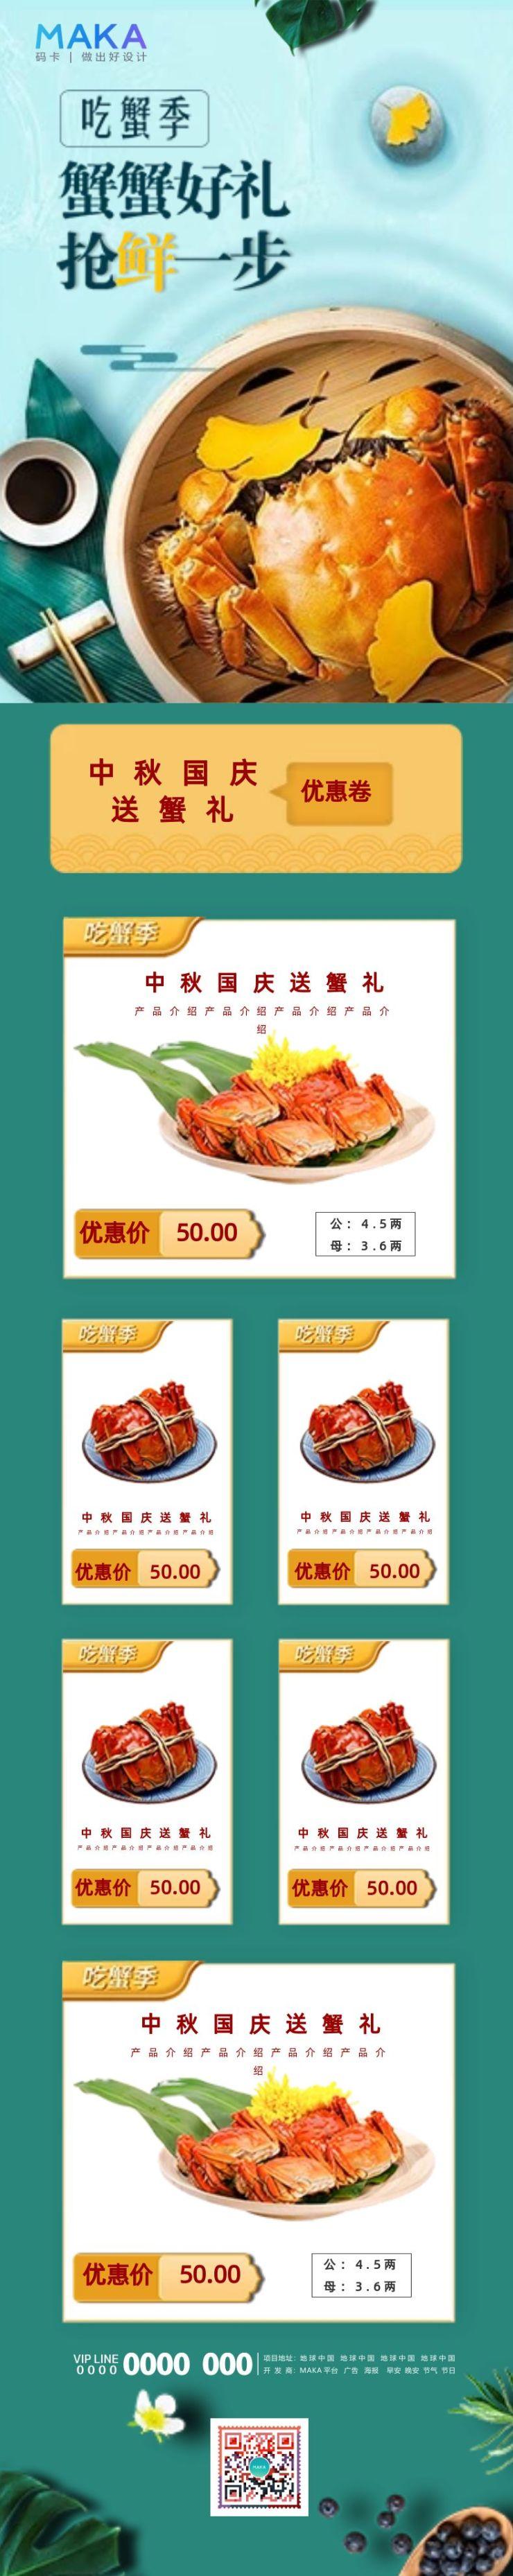 蓝色简约风中秋国庆螃蟹促销电商详情页